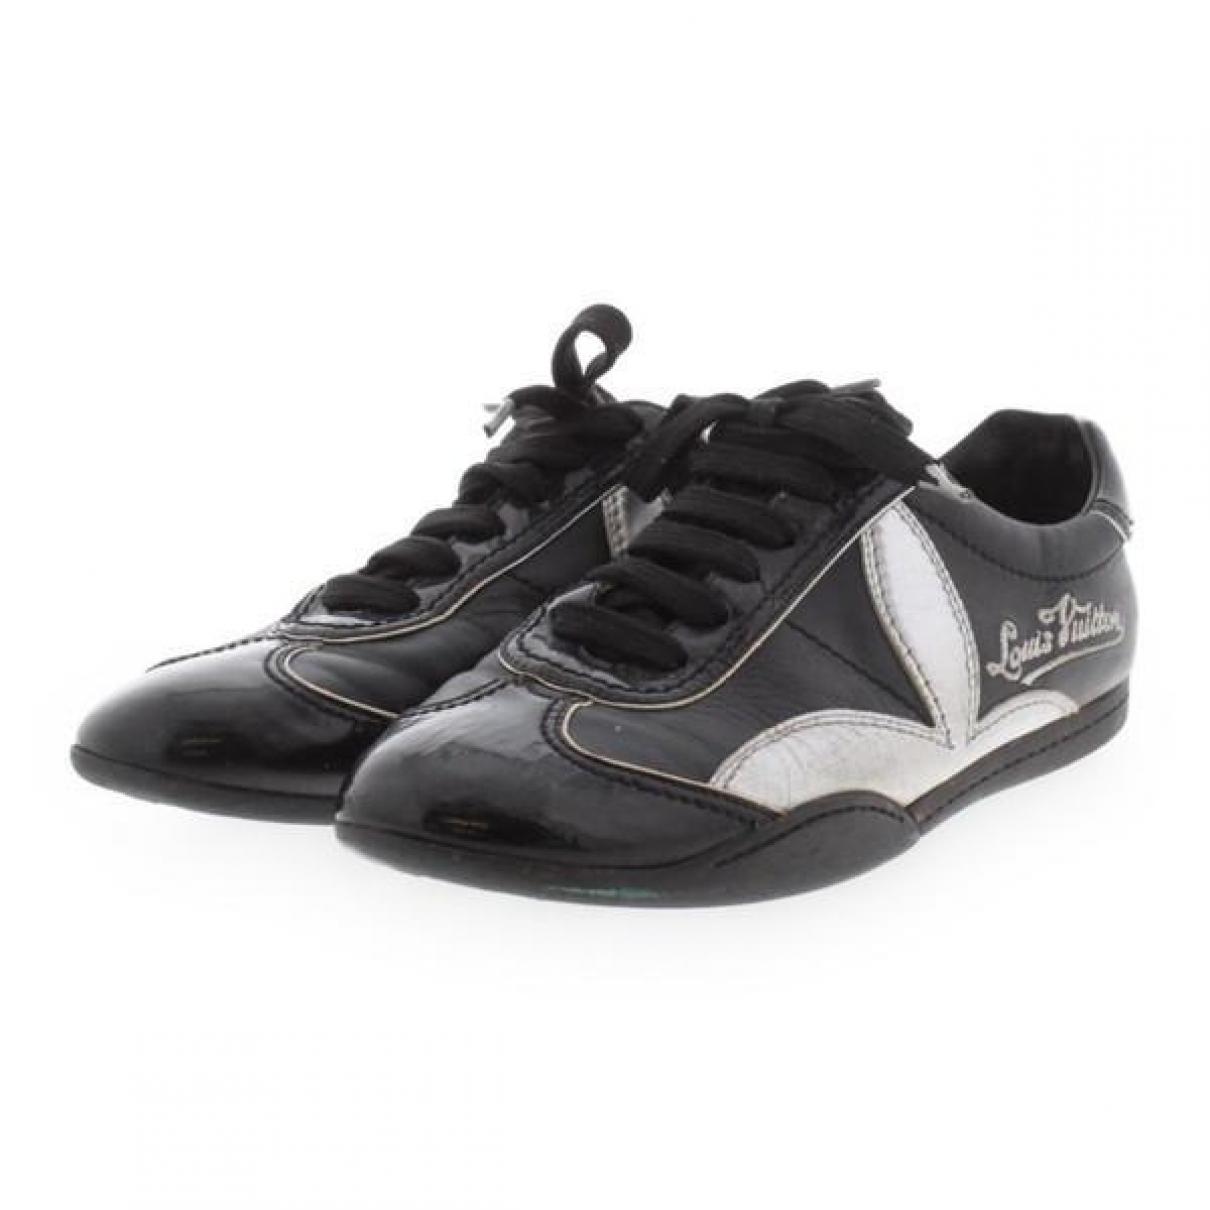 Louis Vuitton - Baskets   pour femme en cuir verni - noir